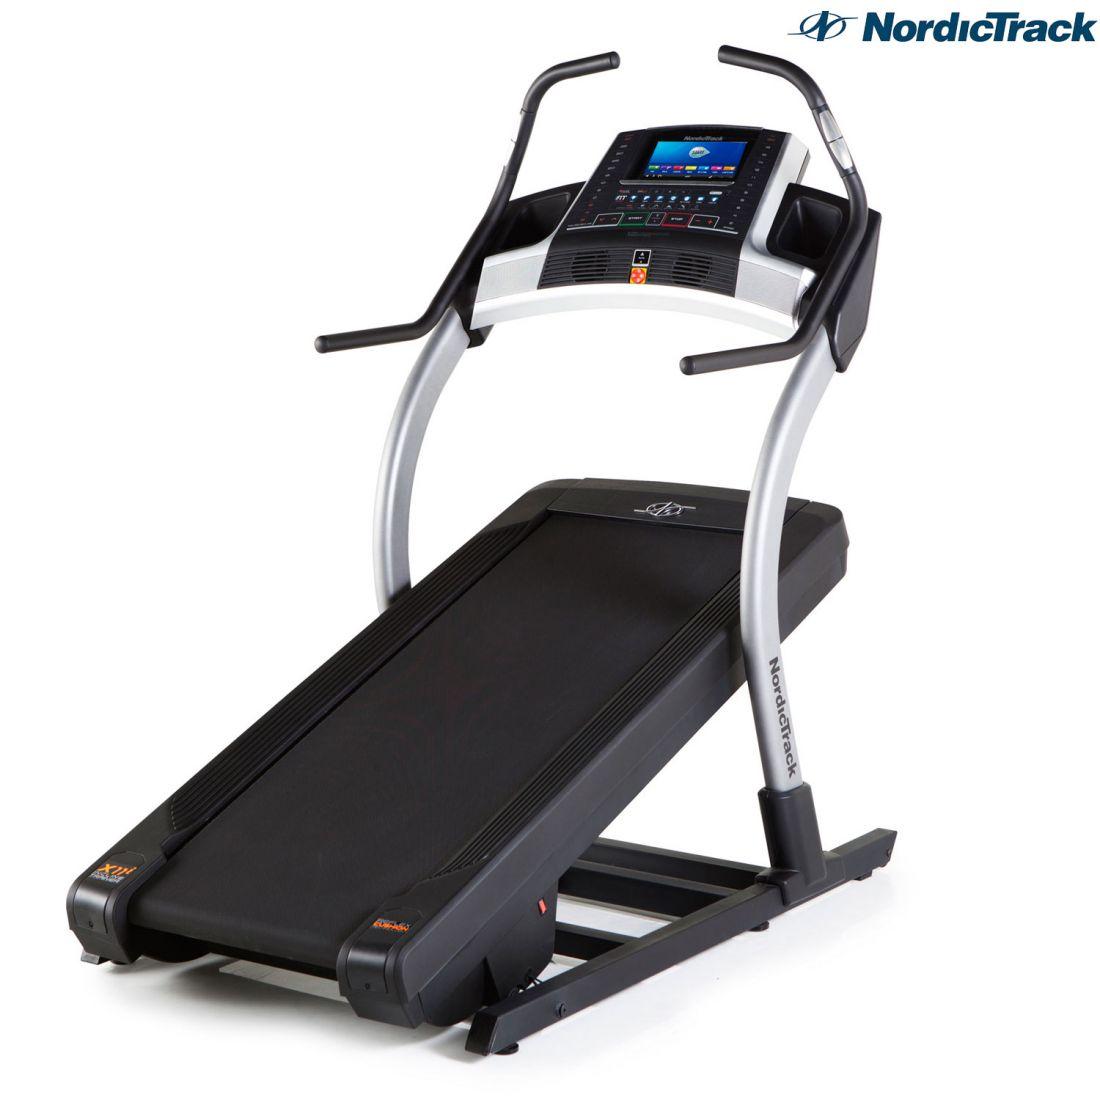 Электрическая беговая дорожка - NordicTrack Incline Trainer X9i